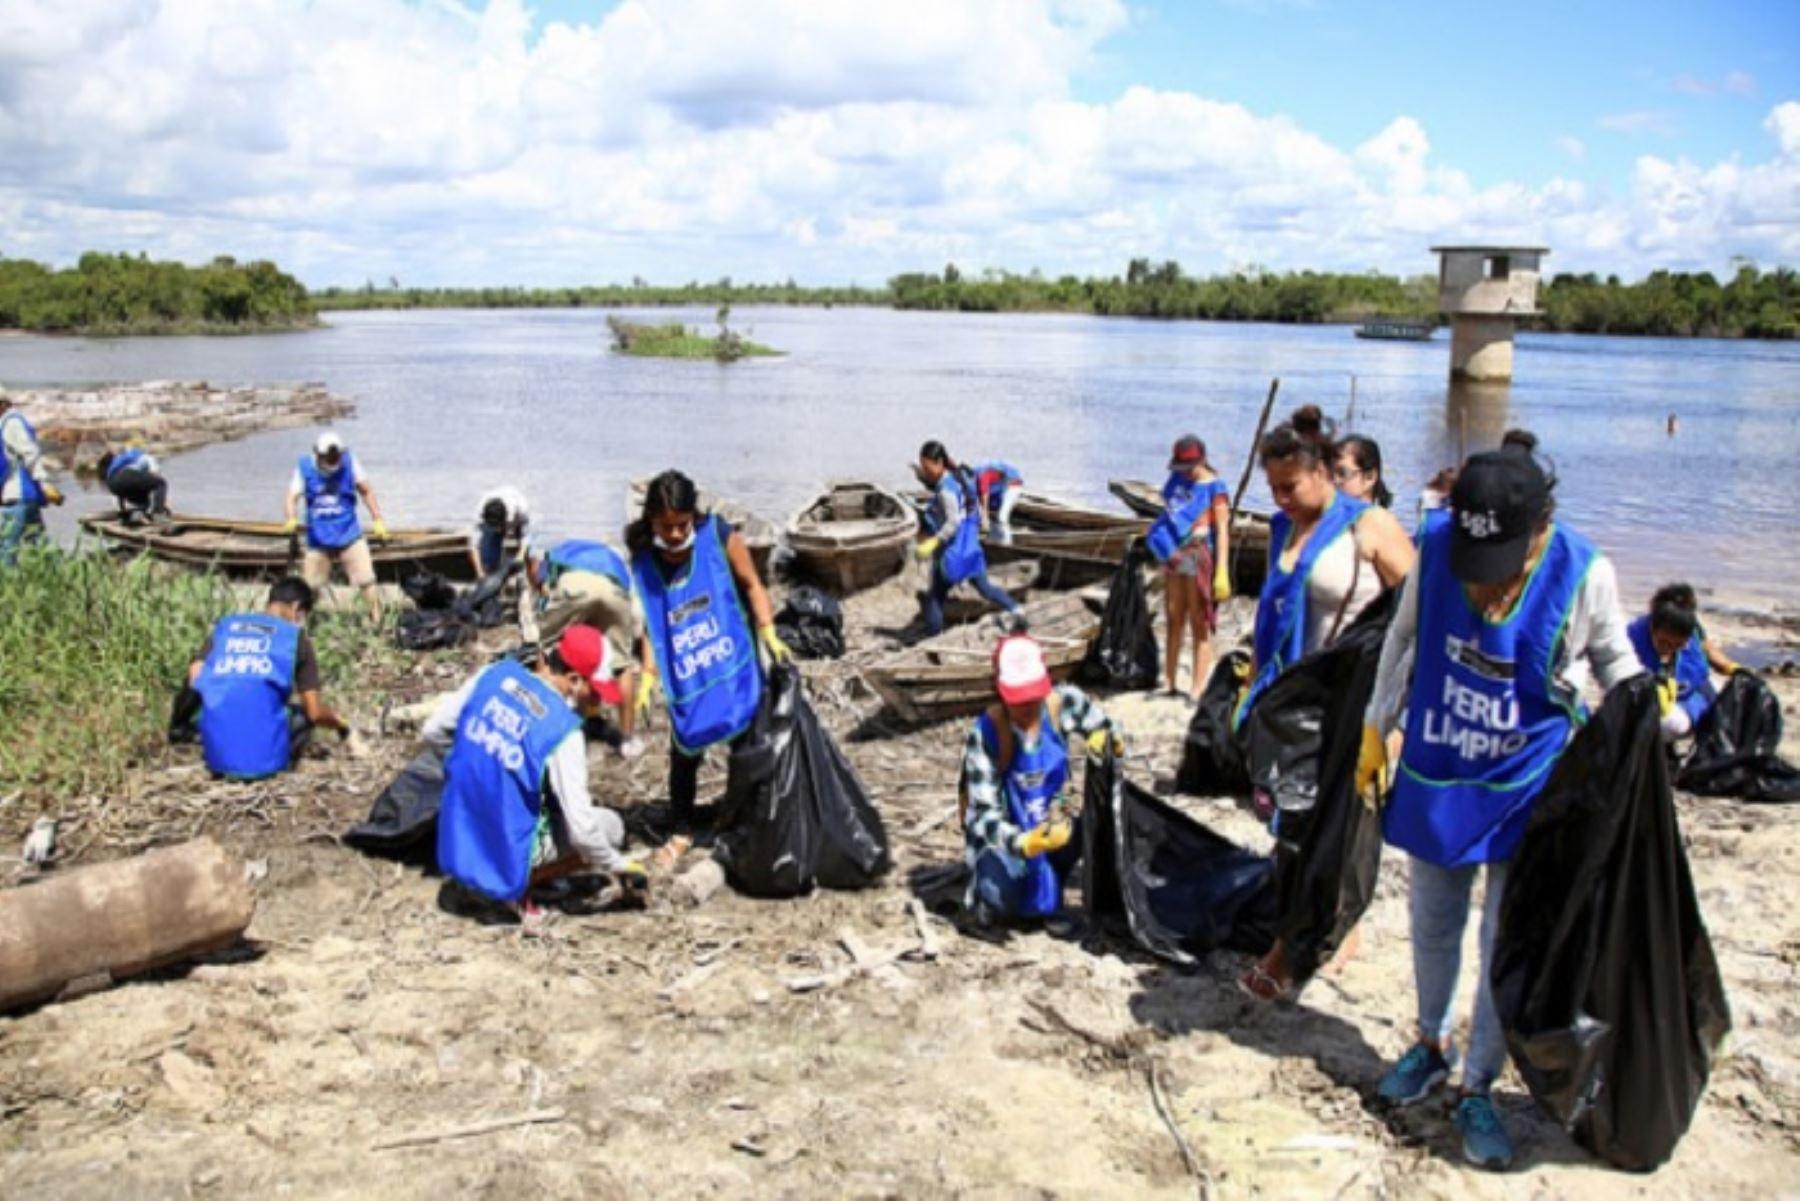 Campaña Perú Limpio recogió 2.3 toneladas durante Fiesta de San Juan